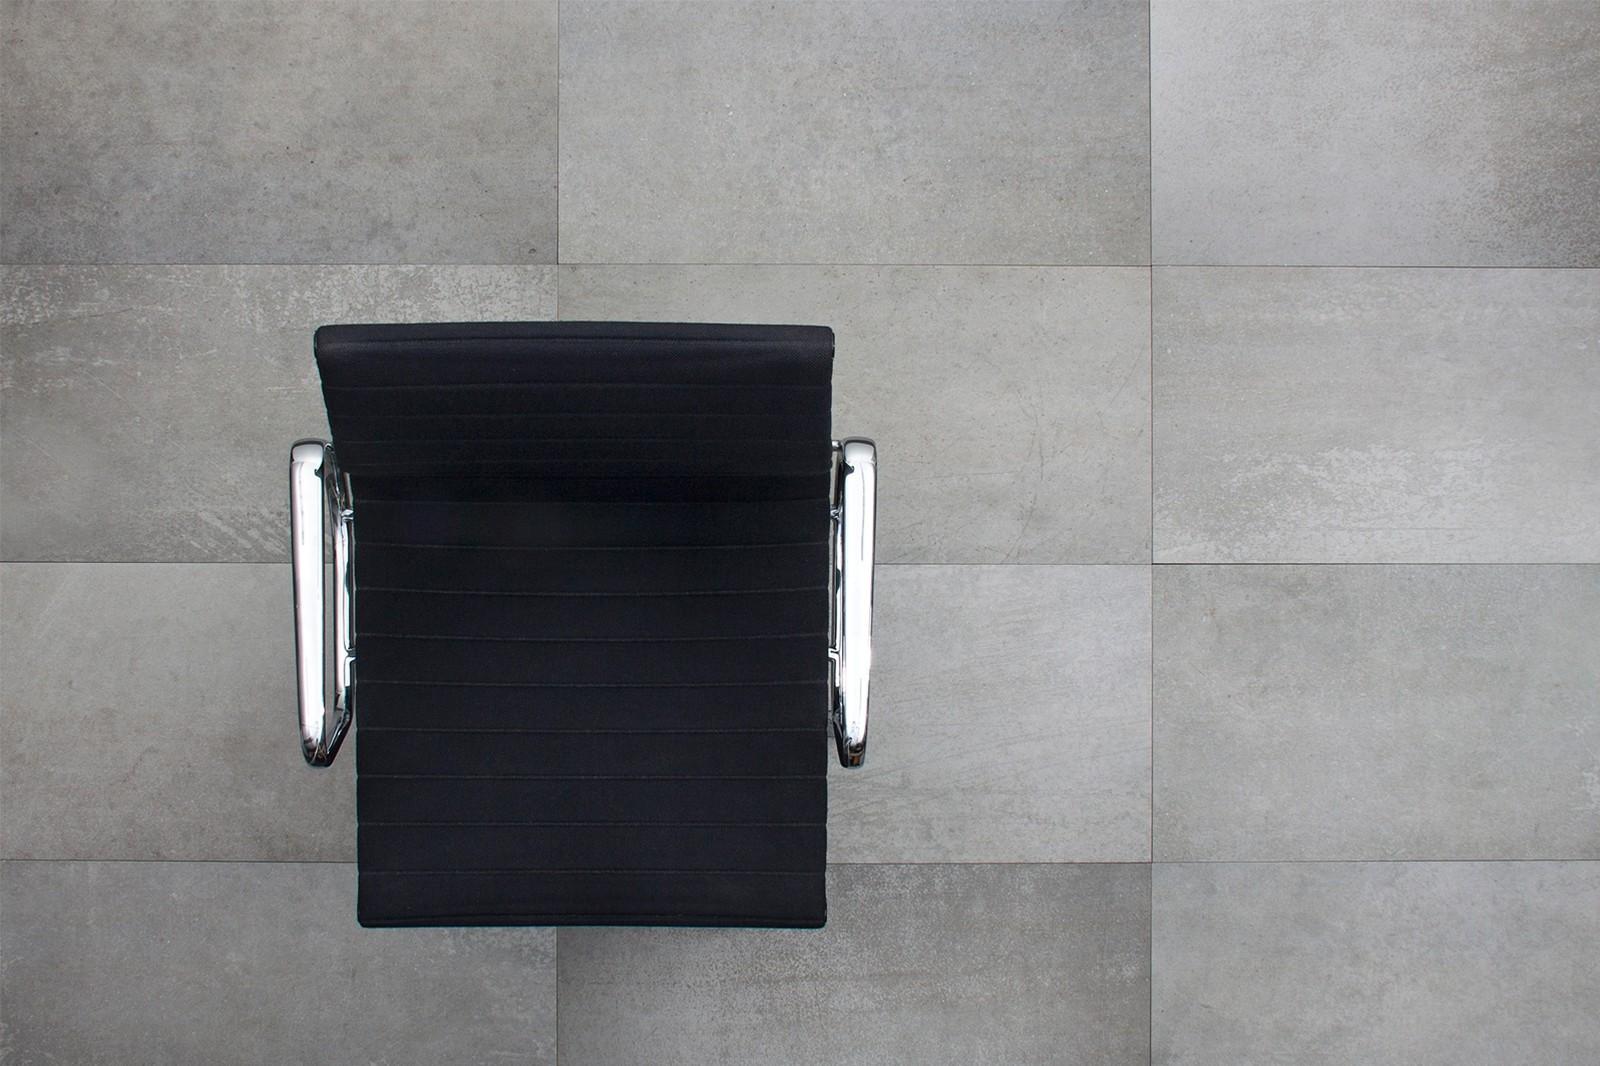 Sphinx Tegels Nederland : Sphinx basilique quilt grey 60 x 60 online kopen luxury floors